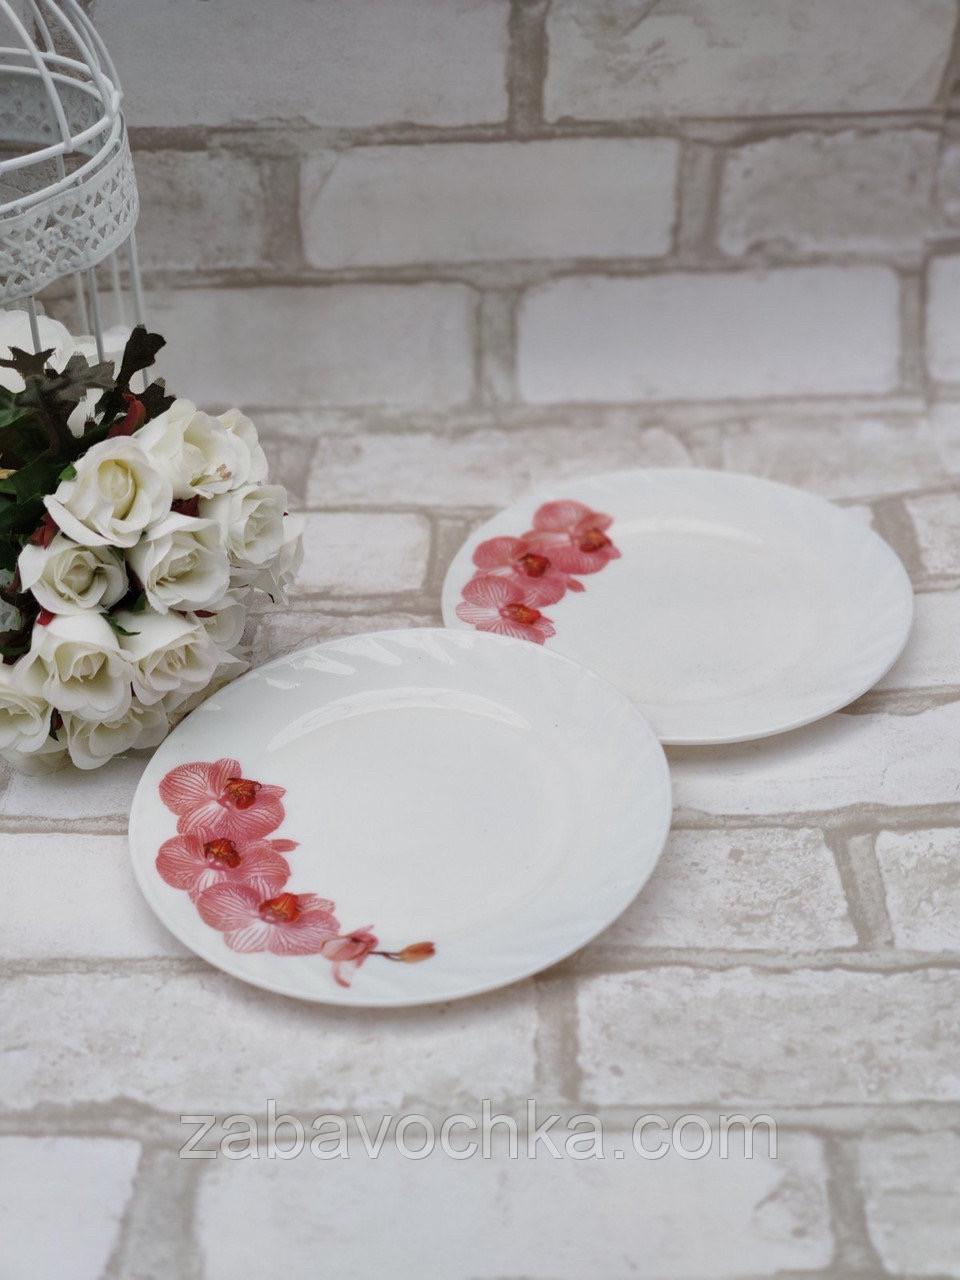 Тарілка закусочна із склокераміки декорована гілкою орхідеї, діаметр 18 см(продаж лише упаковками, 6шт/уп)